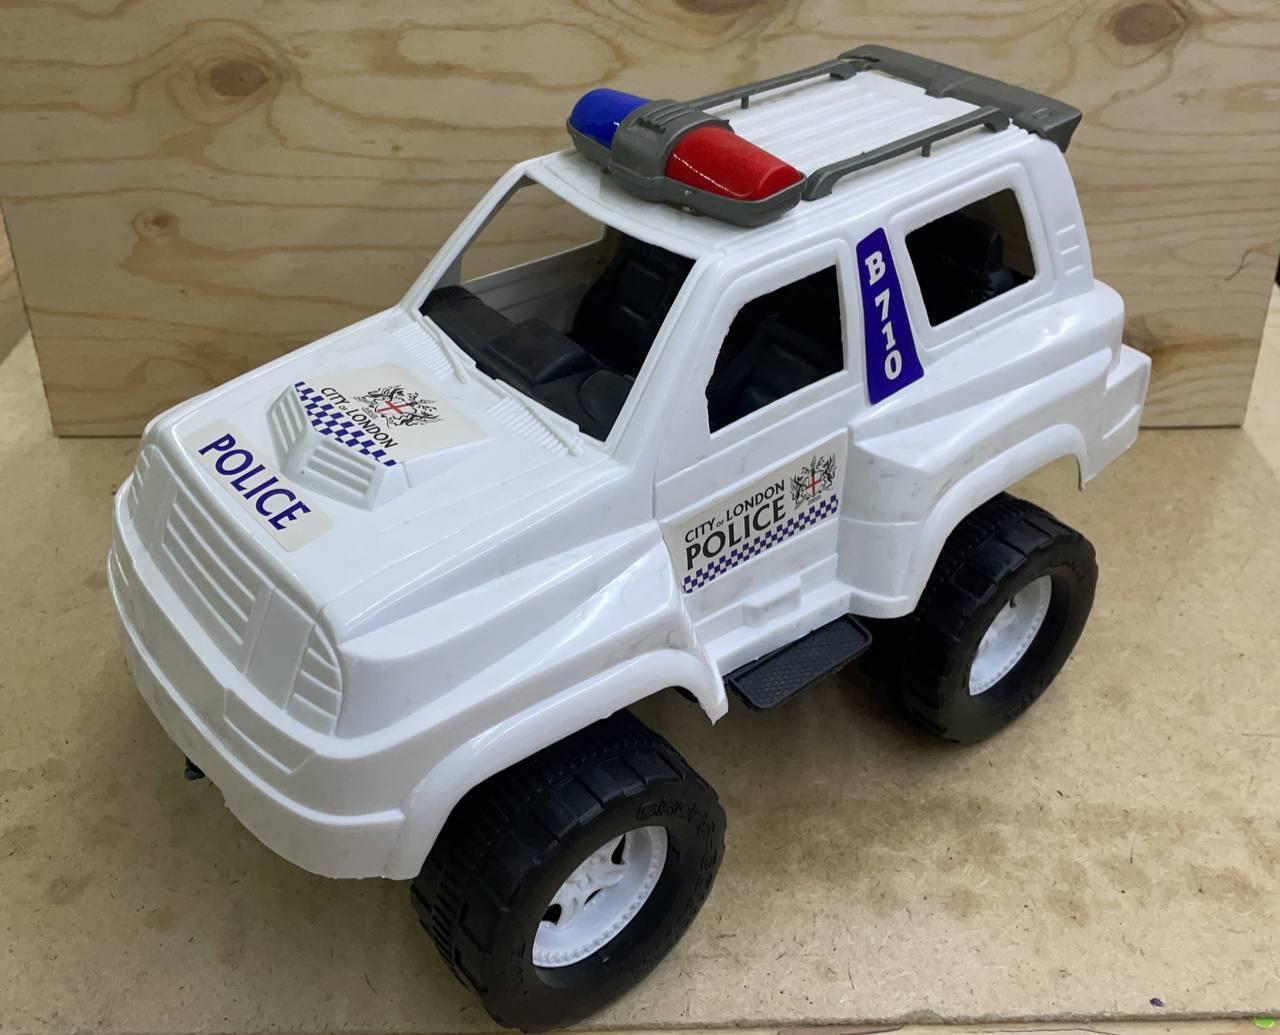 032-7 Джип полиция Машина без бампера, небольшая трещина имеется в передней части